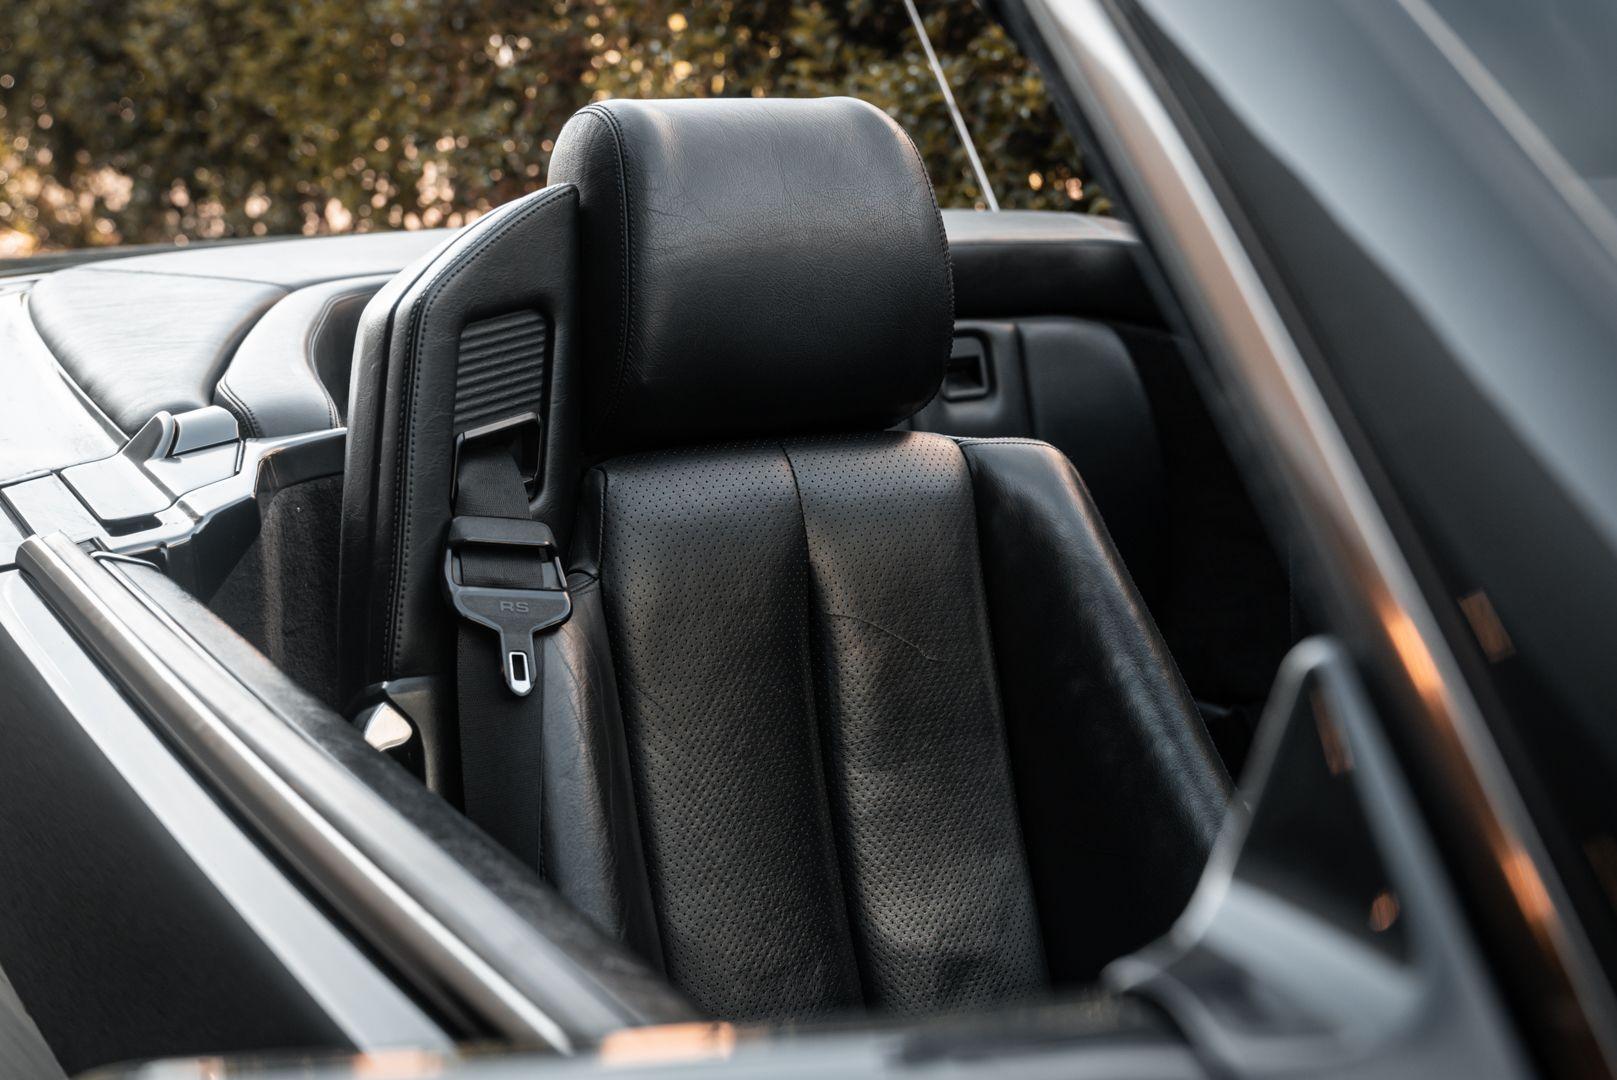 1992 Mercedes Benz 300 SL 24 V 80639